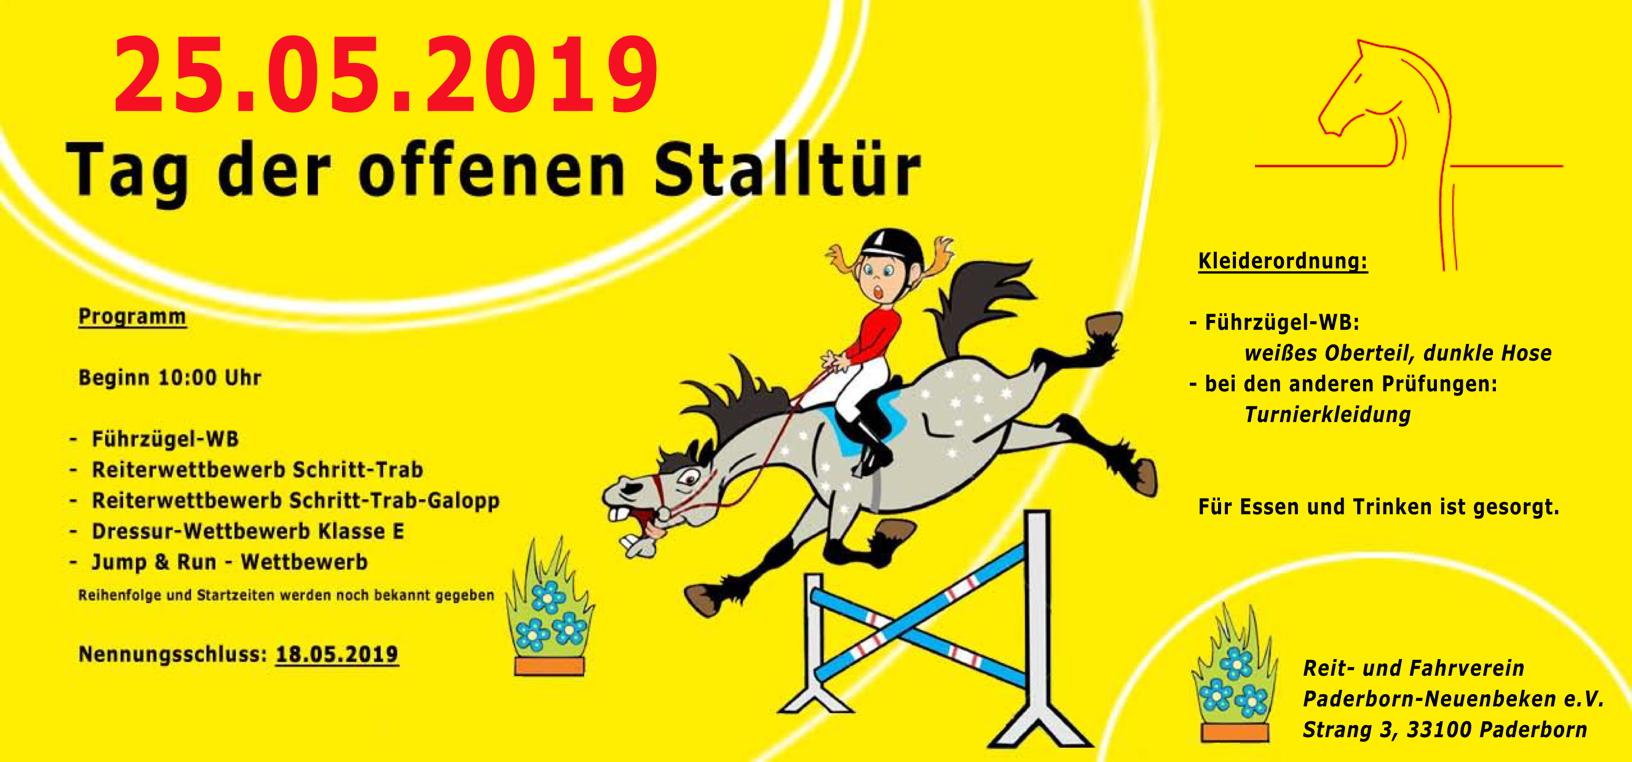 """Einladung zum """"Tag der offenen Stalltür"""" am 25.05.2019 ab 10 Uhr"""